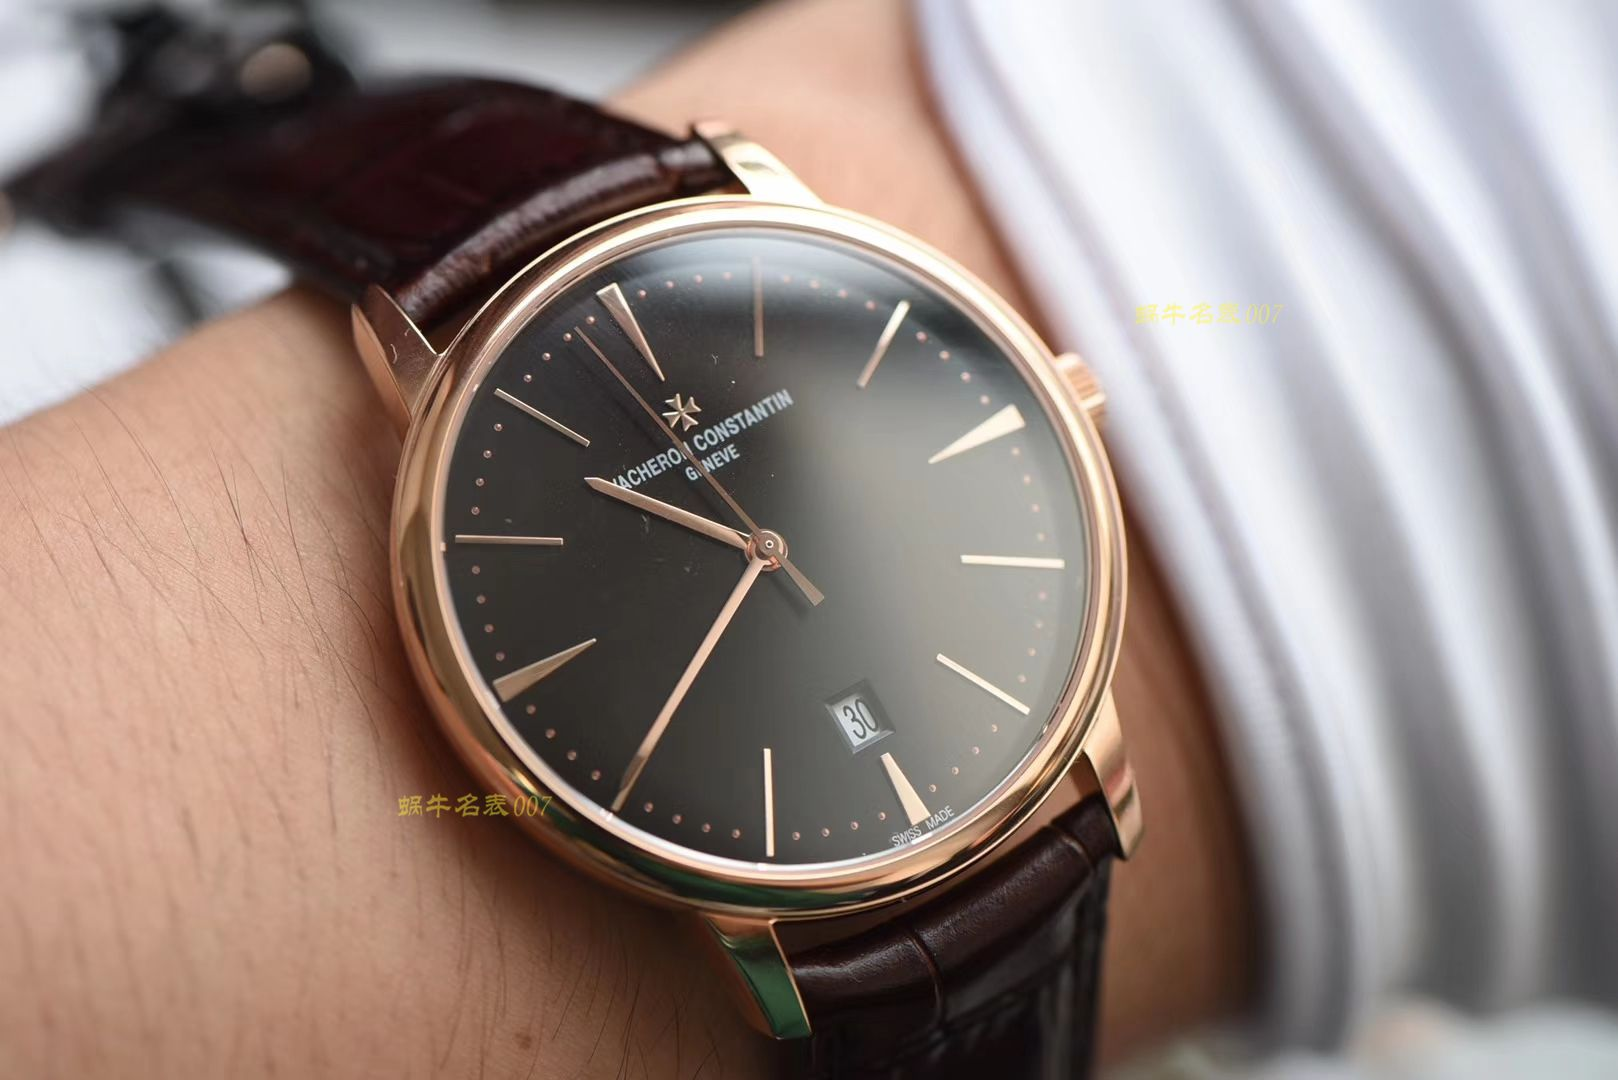 江诗丹顿传承系列85180/000R-9248腕表【顶级高仿克隆手表】